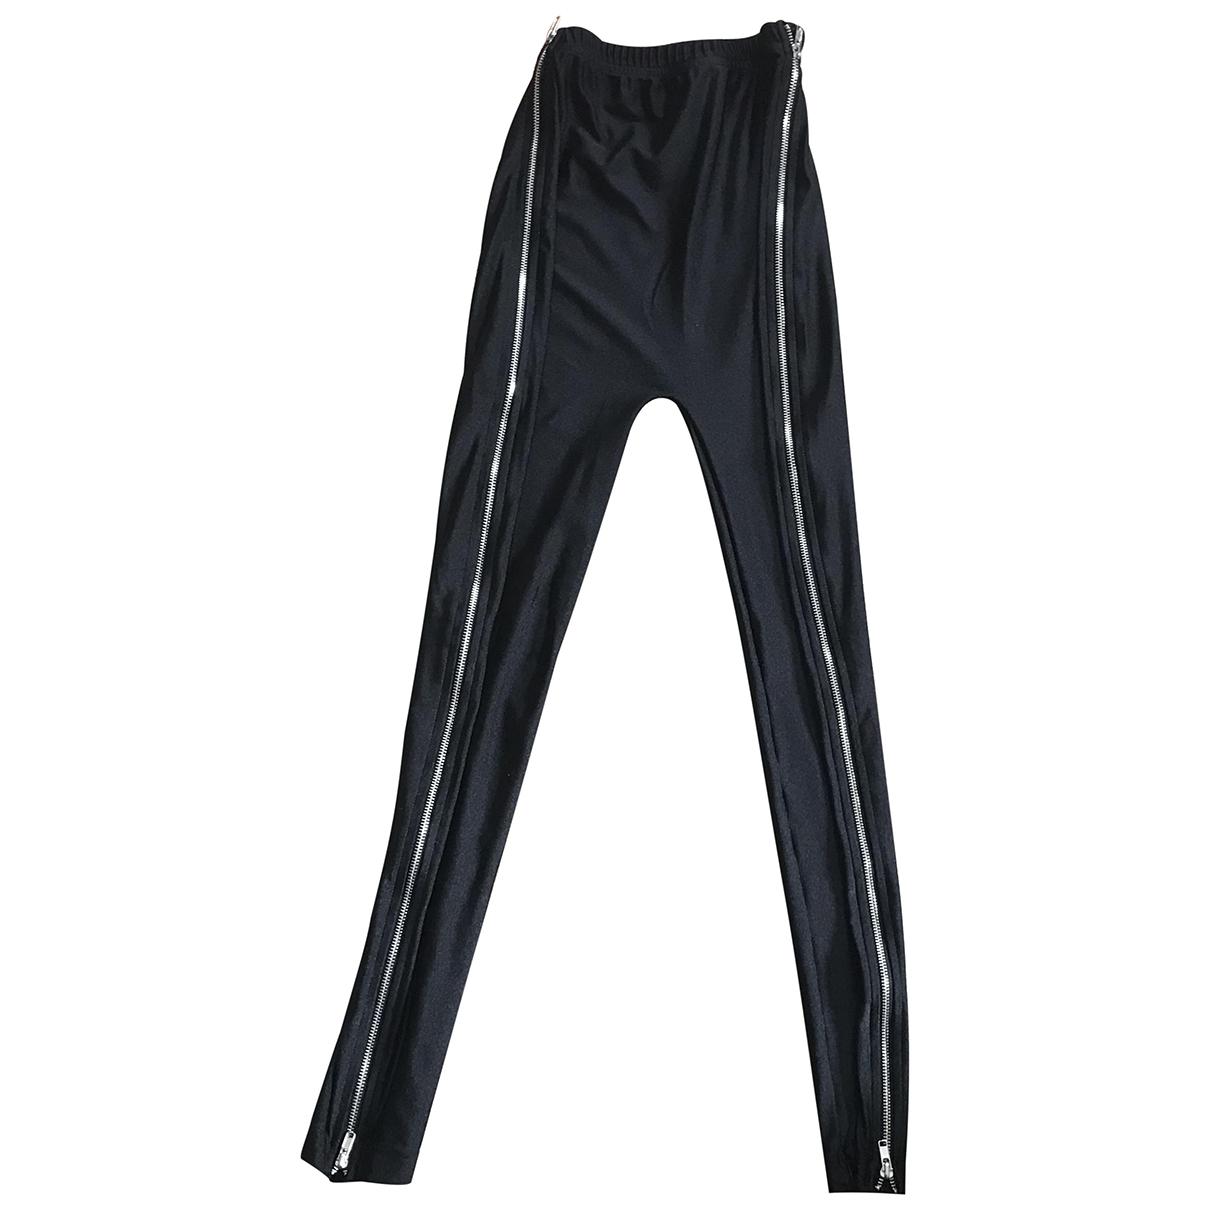 American Apparel - Pantalon   pour femme - noir